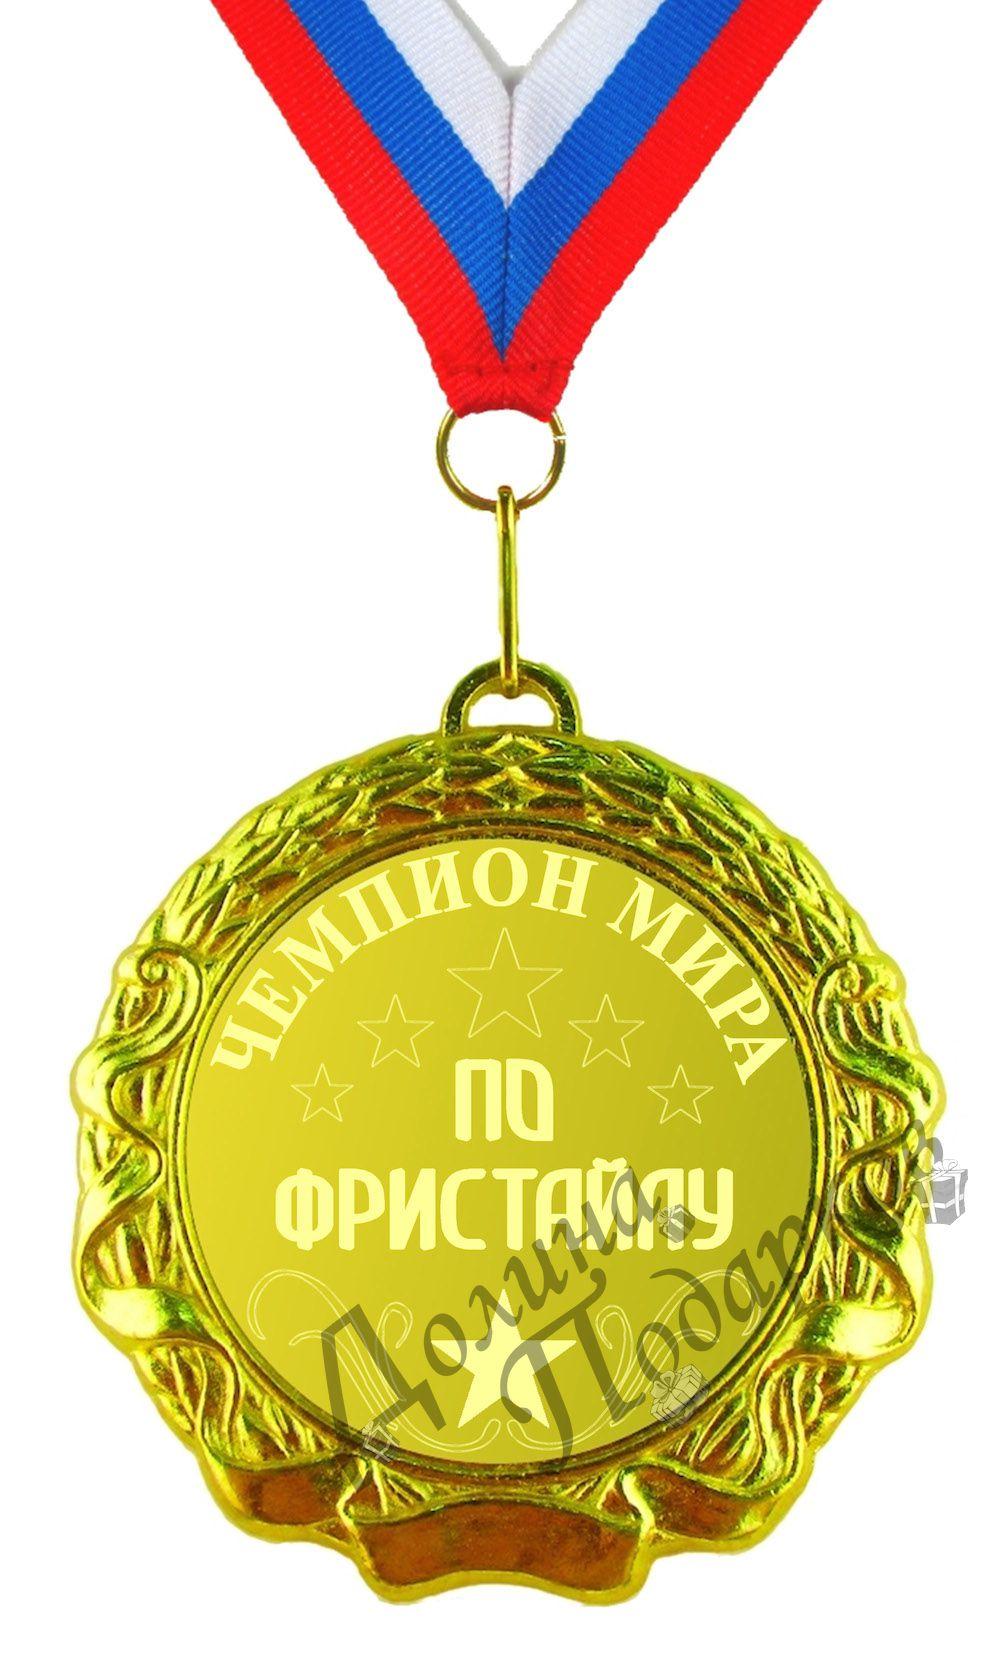 Купить Медаль *Чемпион мира по фристайлу* в интернет-магазине подарков. Огромный выбор необычных подарков и сувениров широкого ценового диапазона!